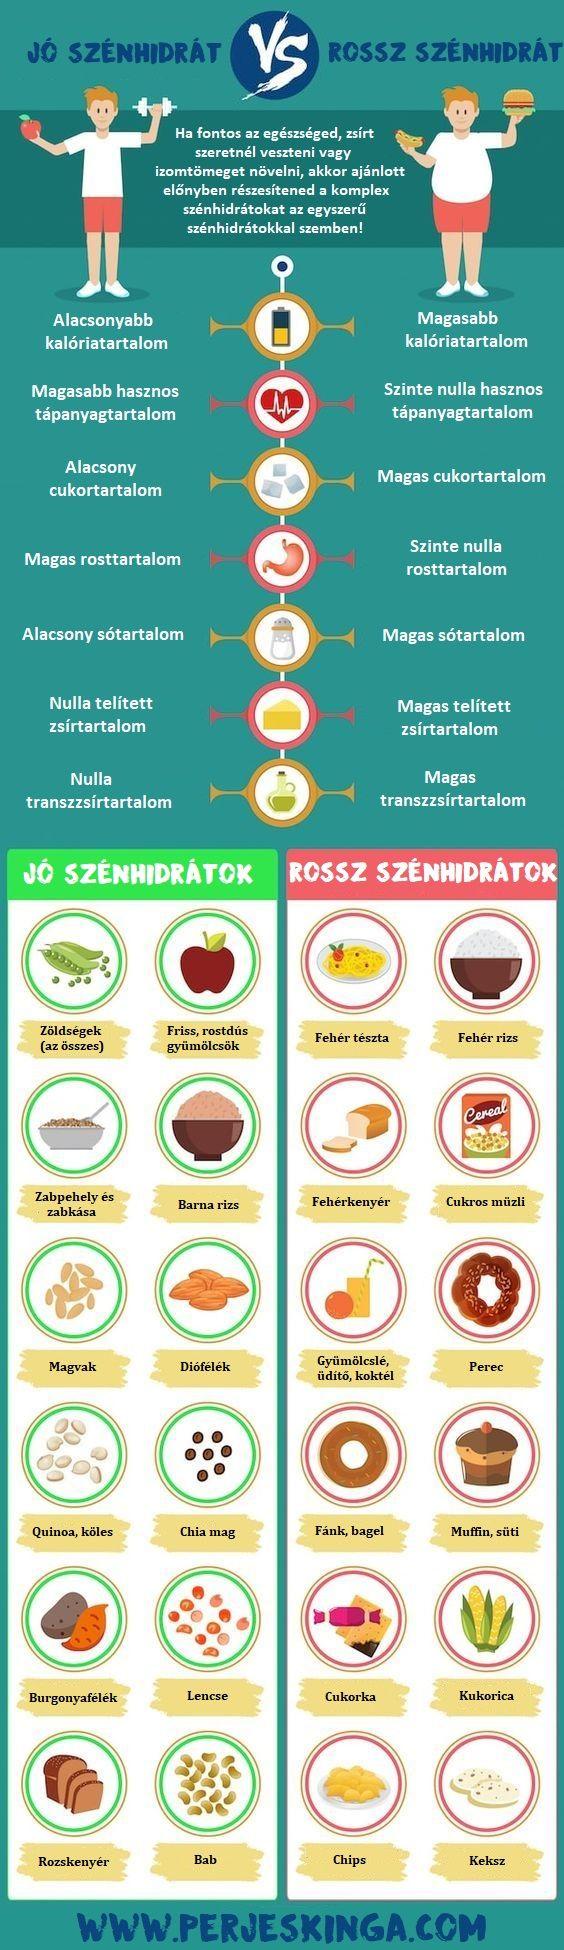 Jó szénhidrátok vs. rossz szénhidrátok || www.perjeskinga.com